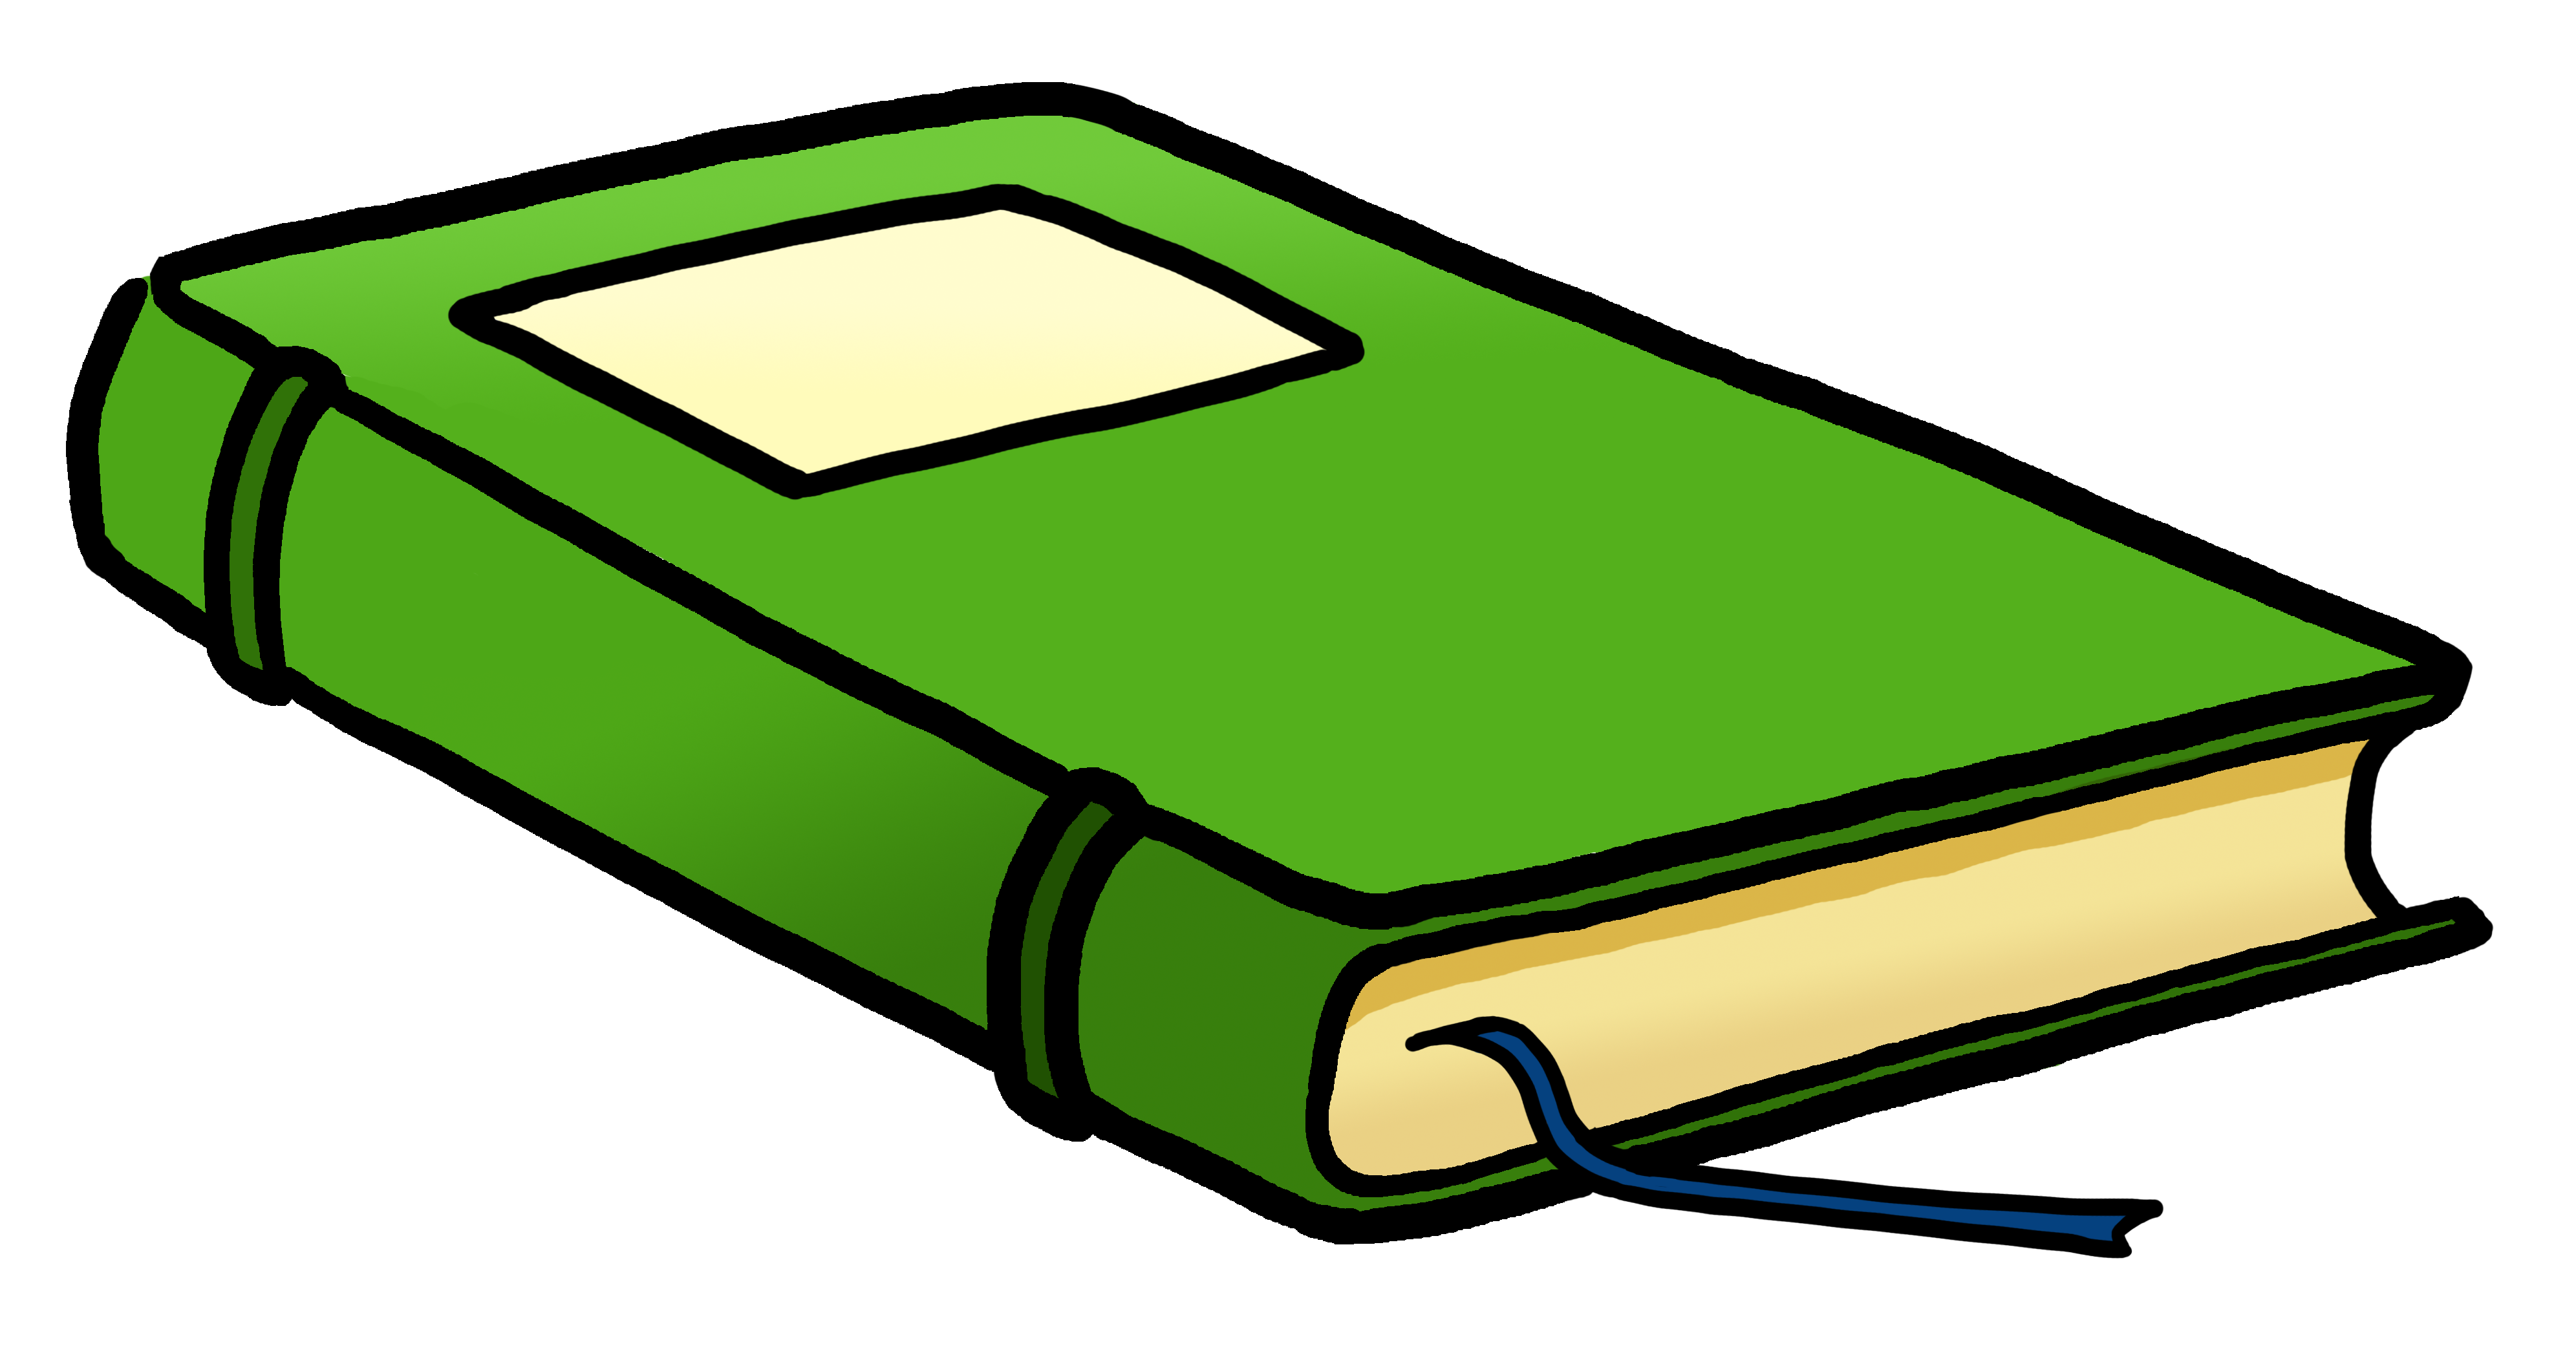 Free Novel Cliparts, Download Free Clip Art, Free Clip Art.